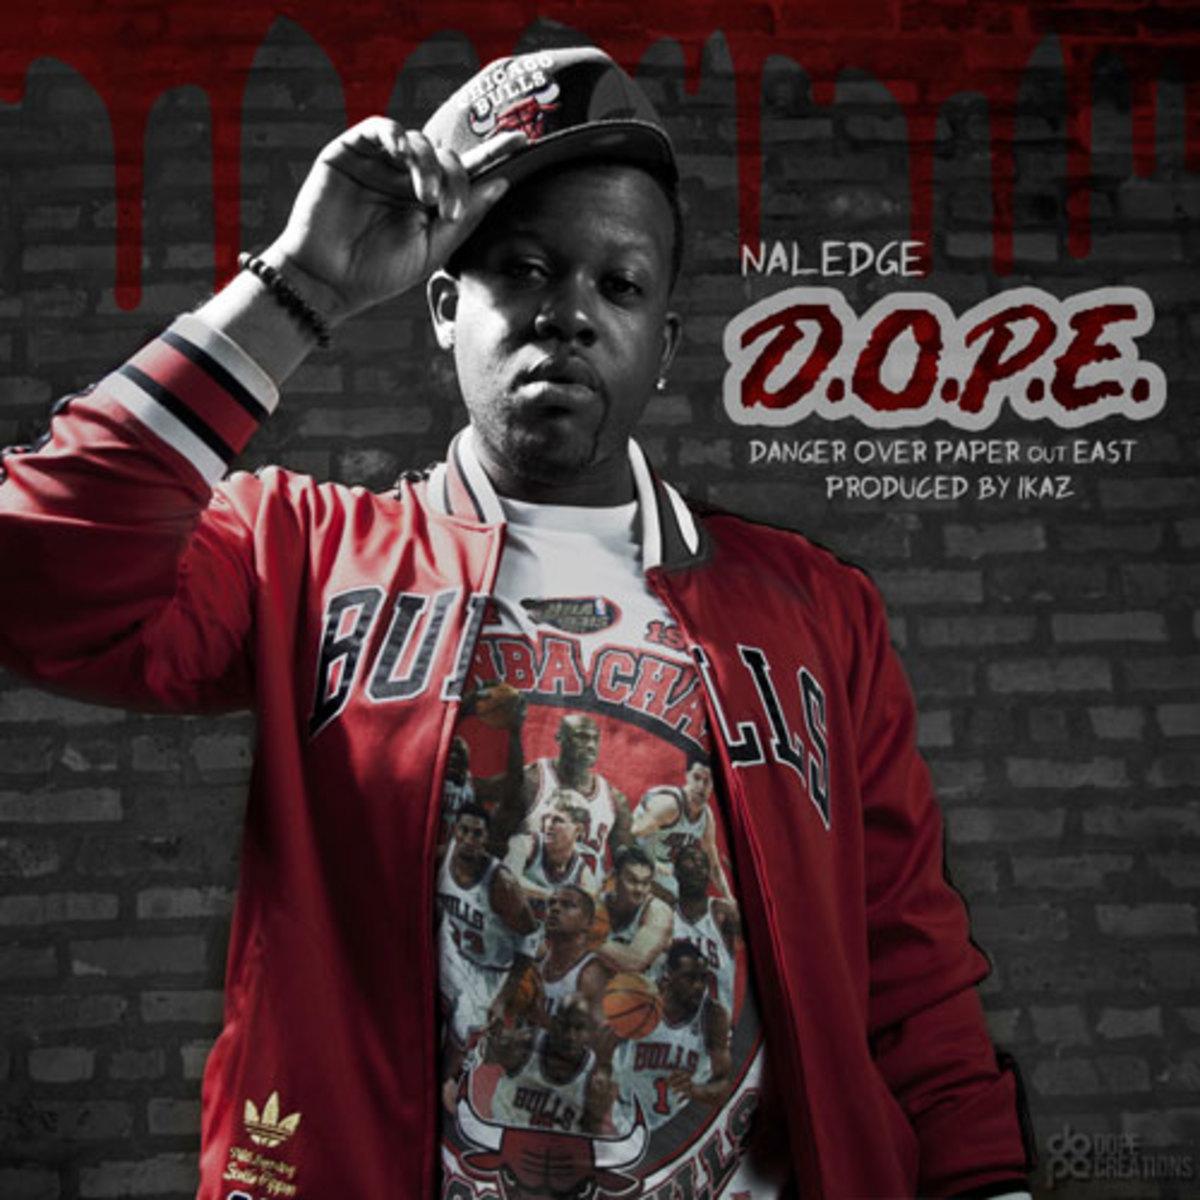 naledge-dope.jpg